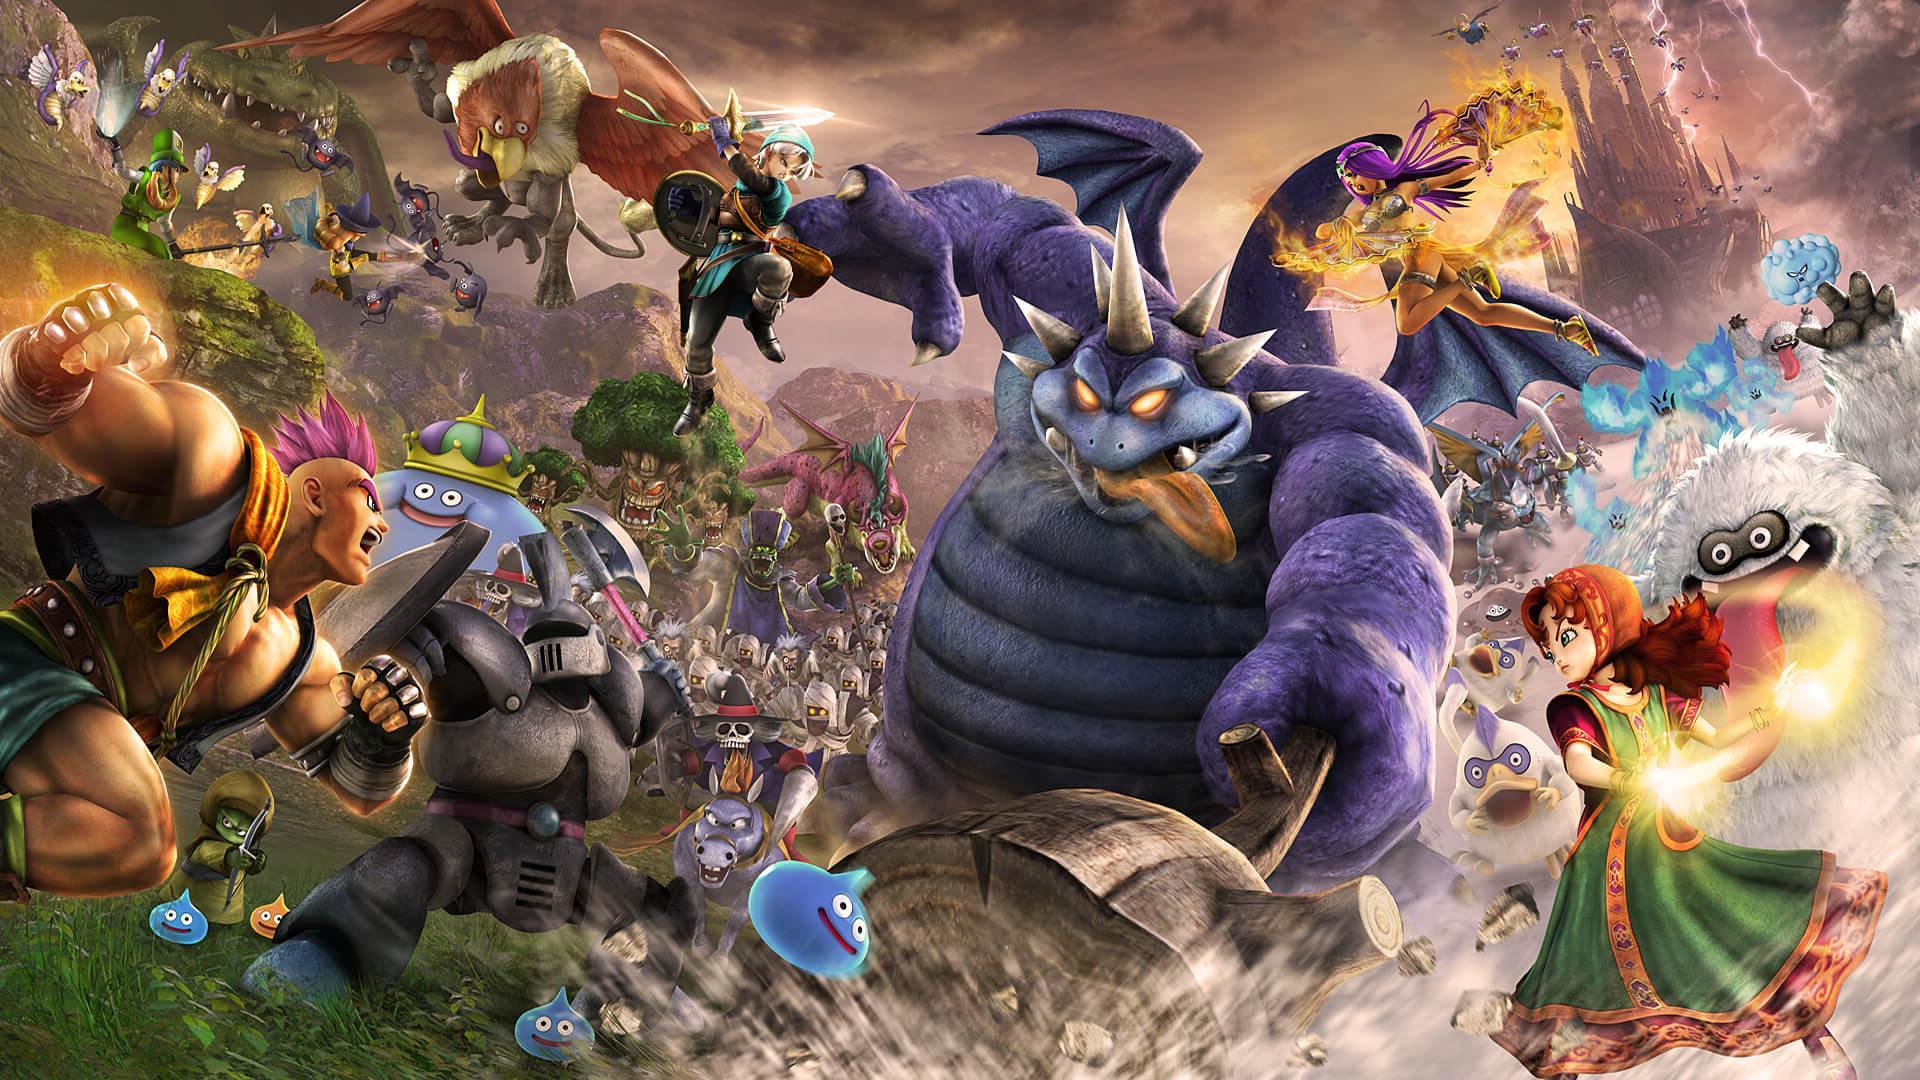 Dragon Quest 11 Desktop Wallpapers - Wallpaper Cave